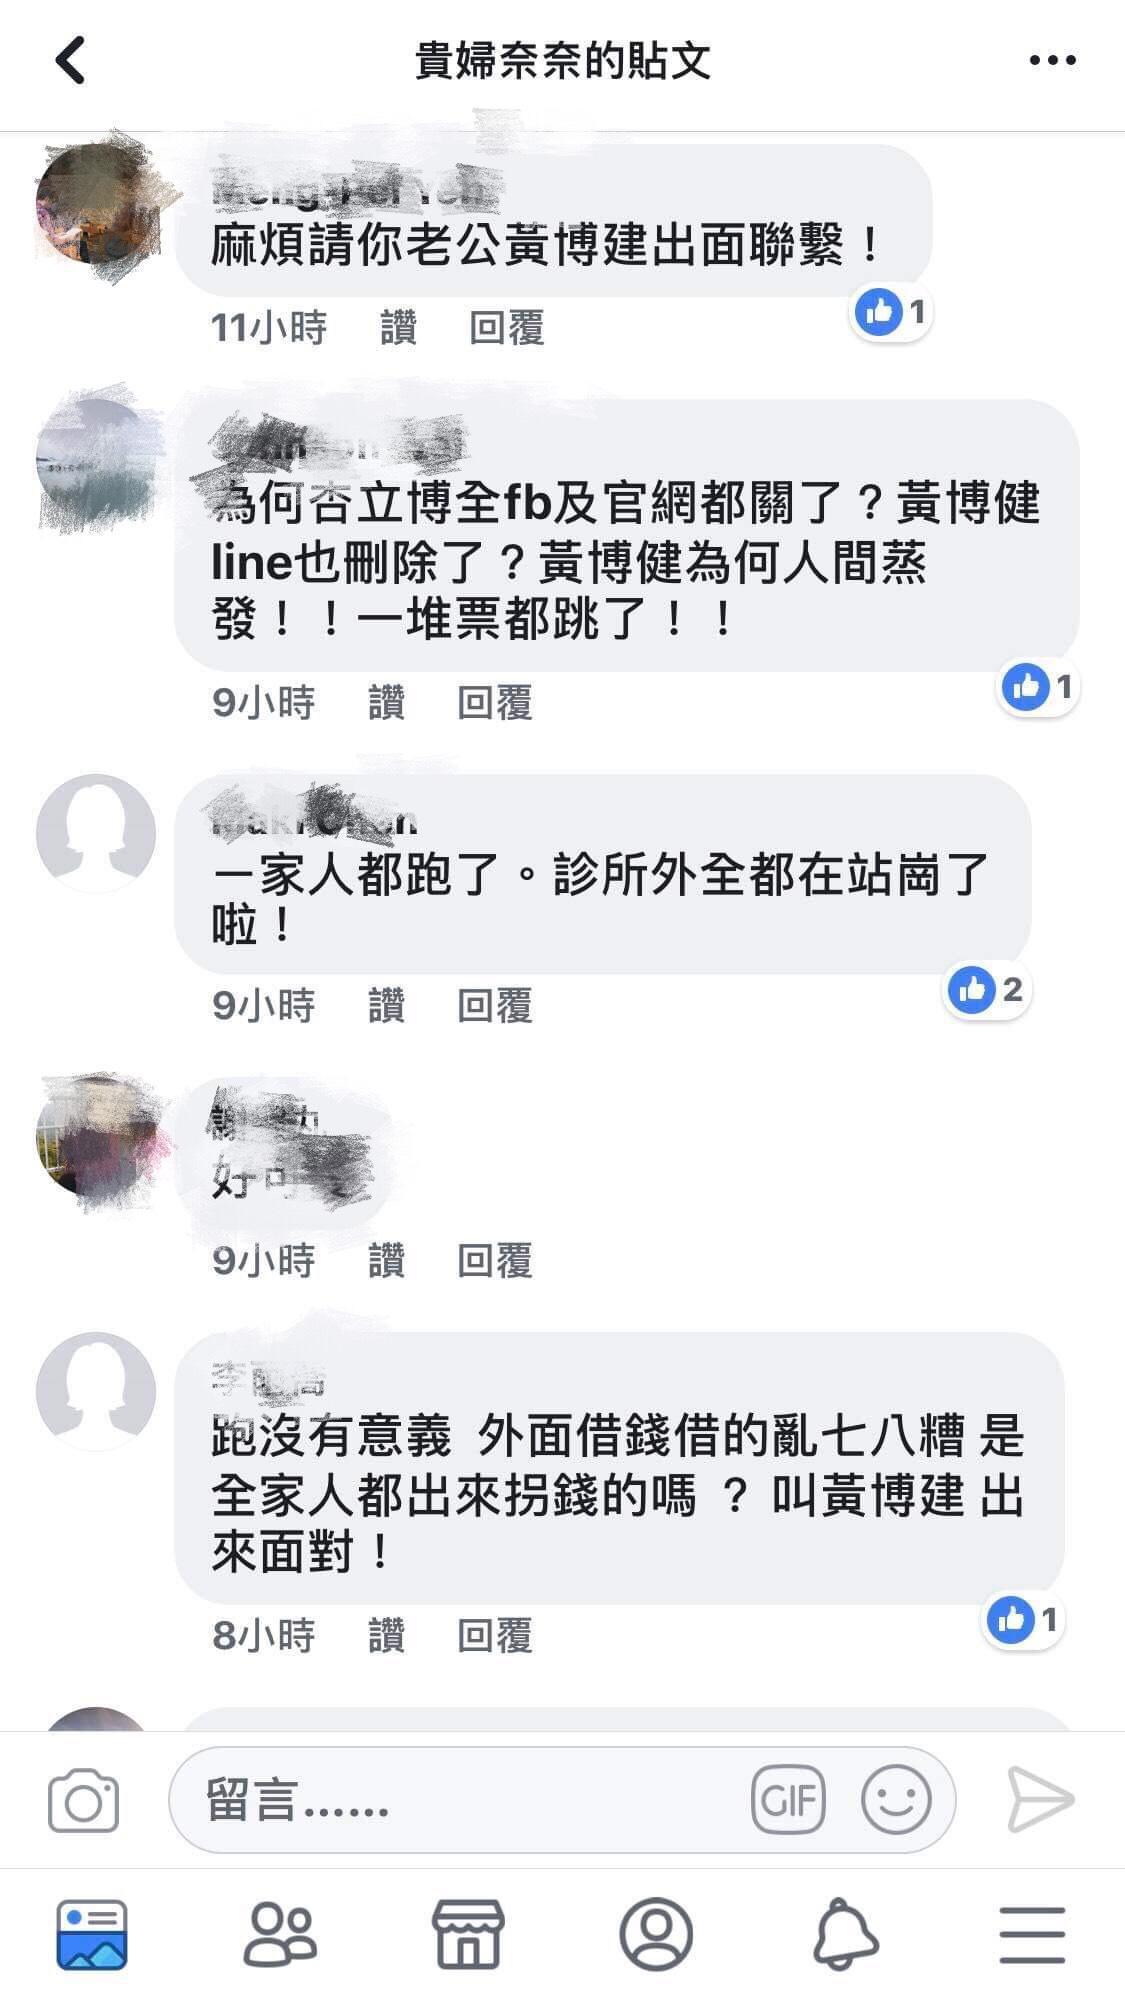 債主紛紛在貴婦奈奈的臉書上留言,夫妻倆出來負責。(翻攝自貴婦奈奈臉書)